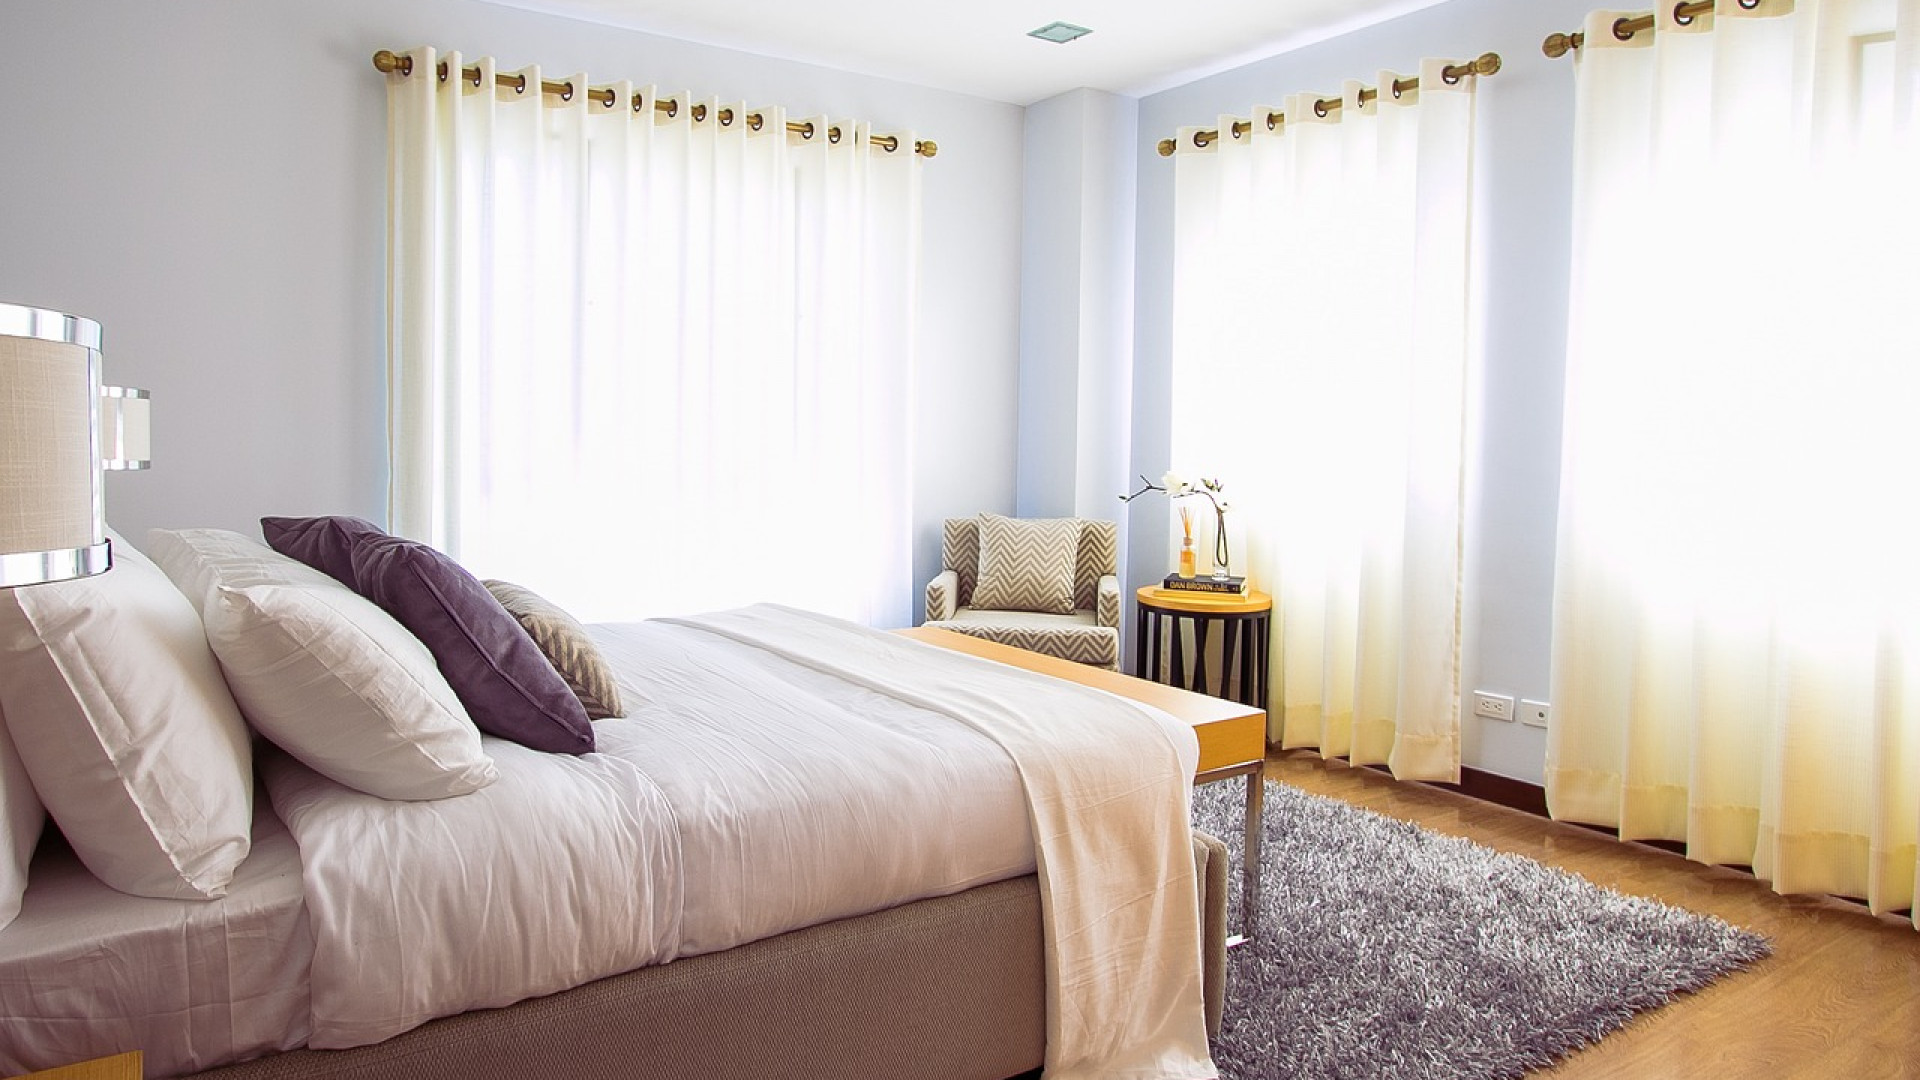 Quels tarifs pour le lavage de rideaux de rideaux à Paris ?